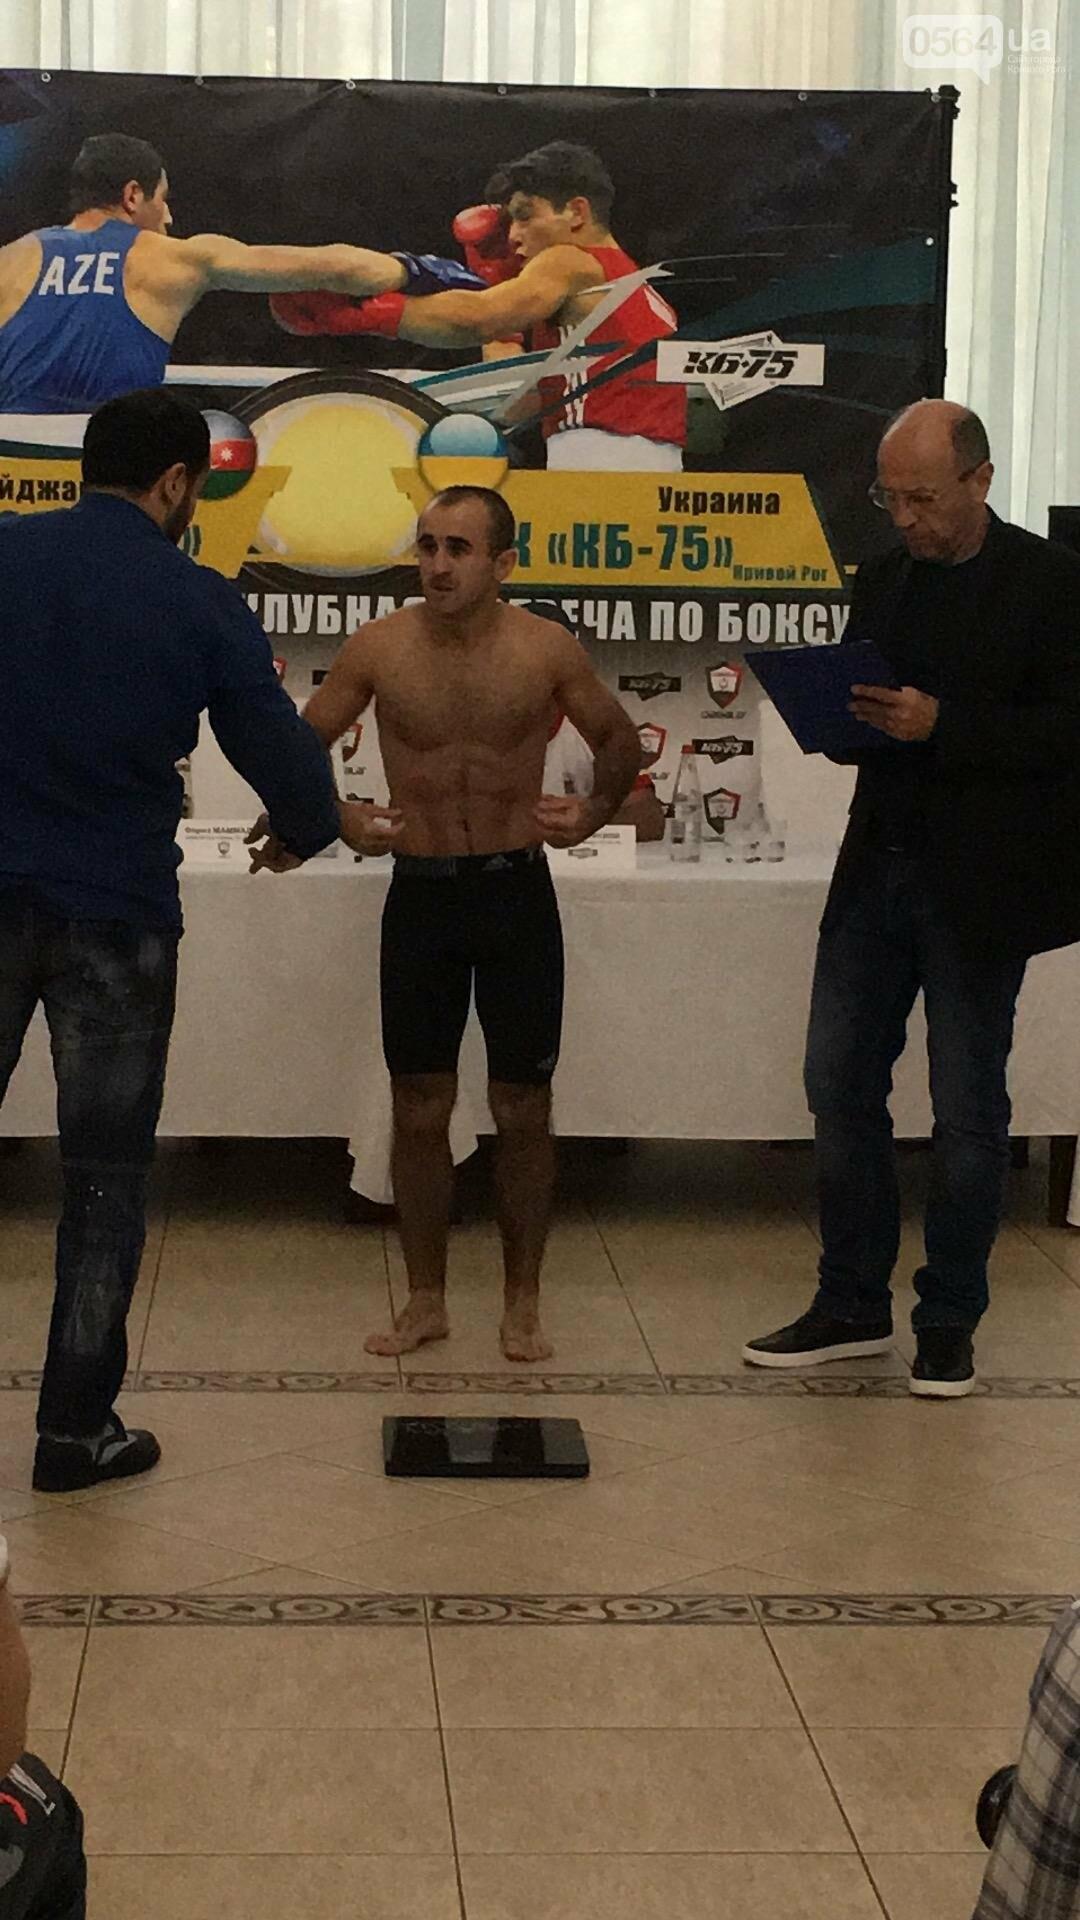 Перед вечером грандиозного бокса в Кривом Роге спортсмены показали отличную физическую форму (ФОТО, ВИДЕО), фото-27